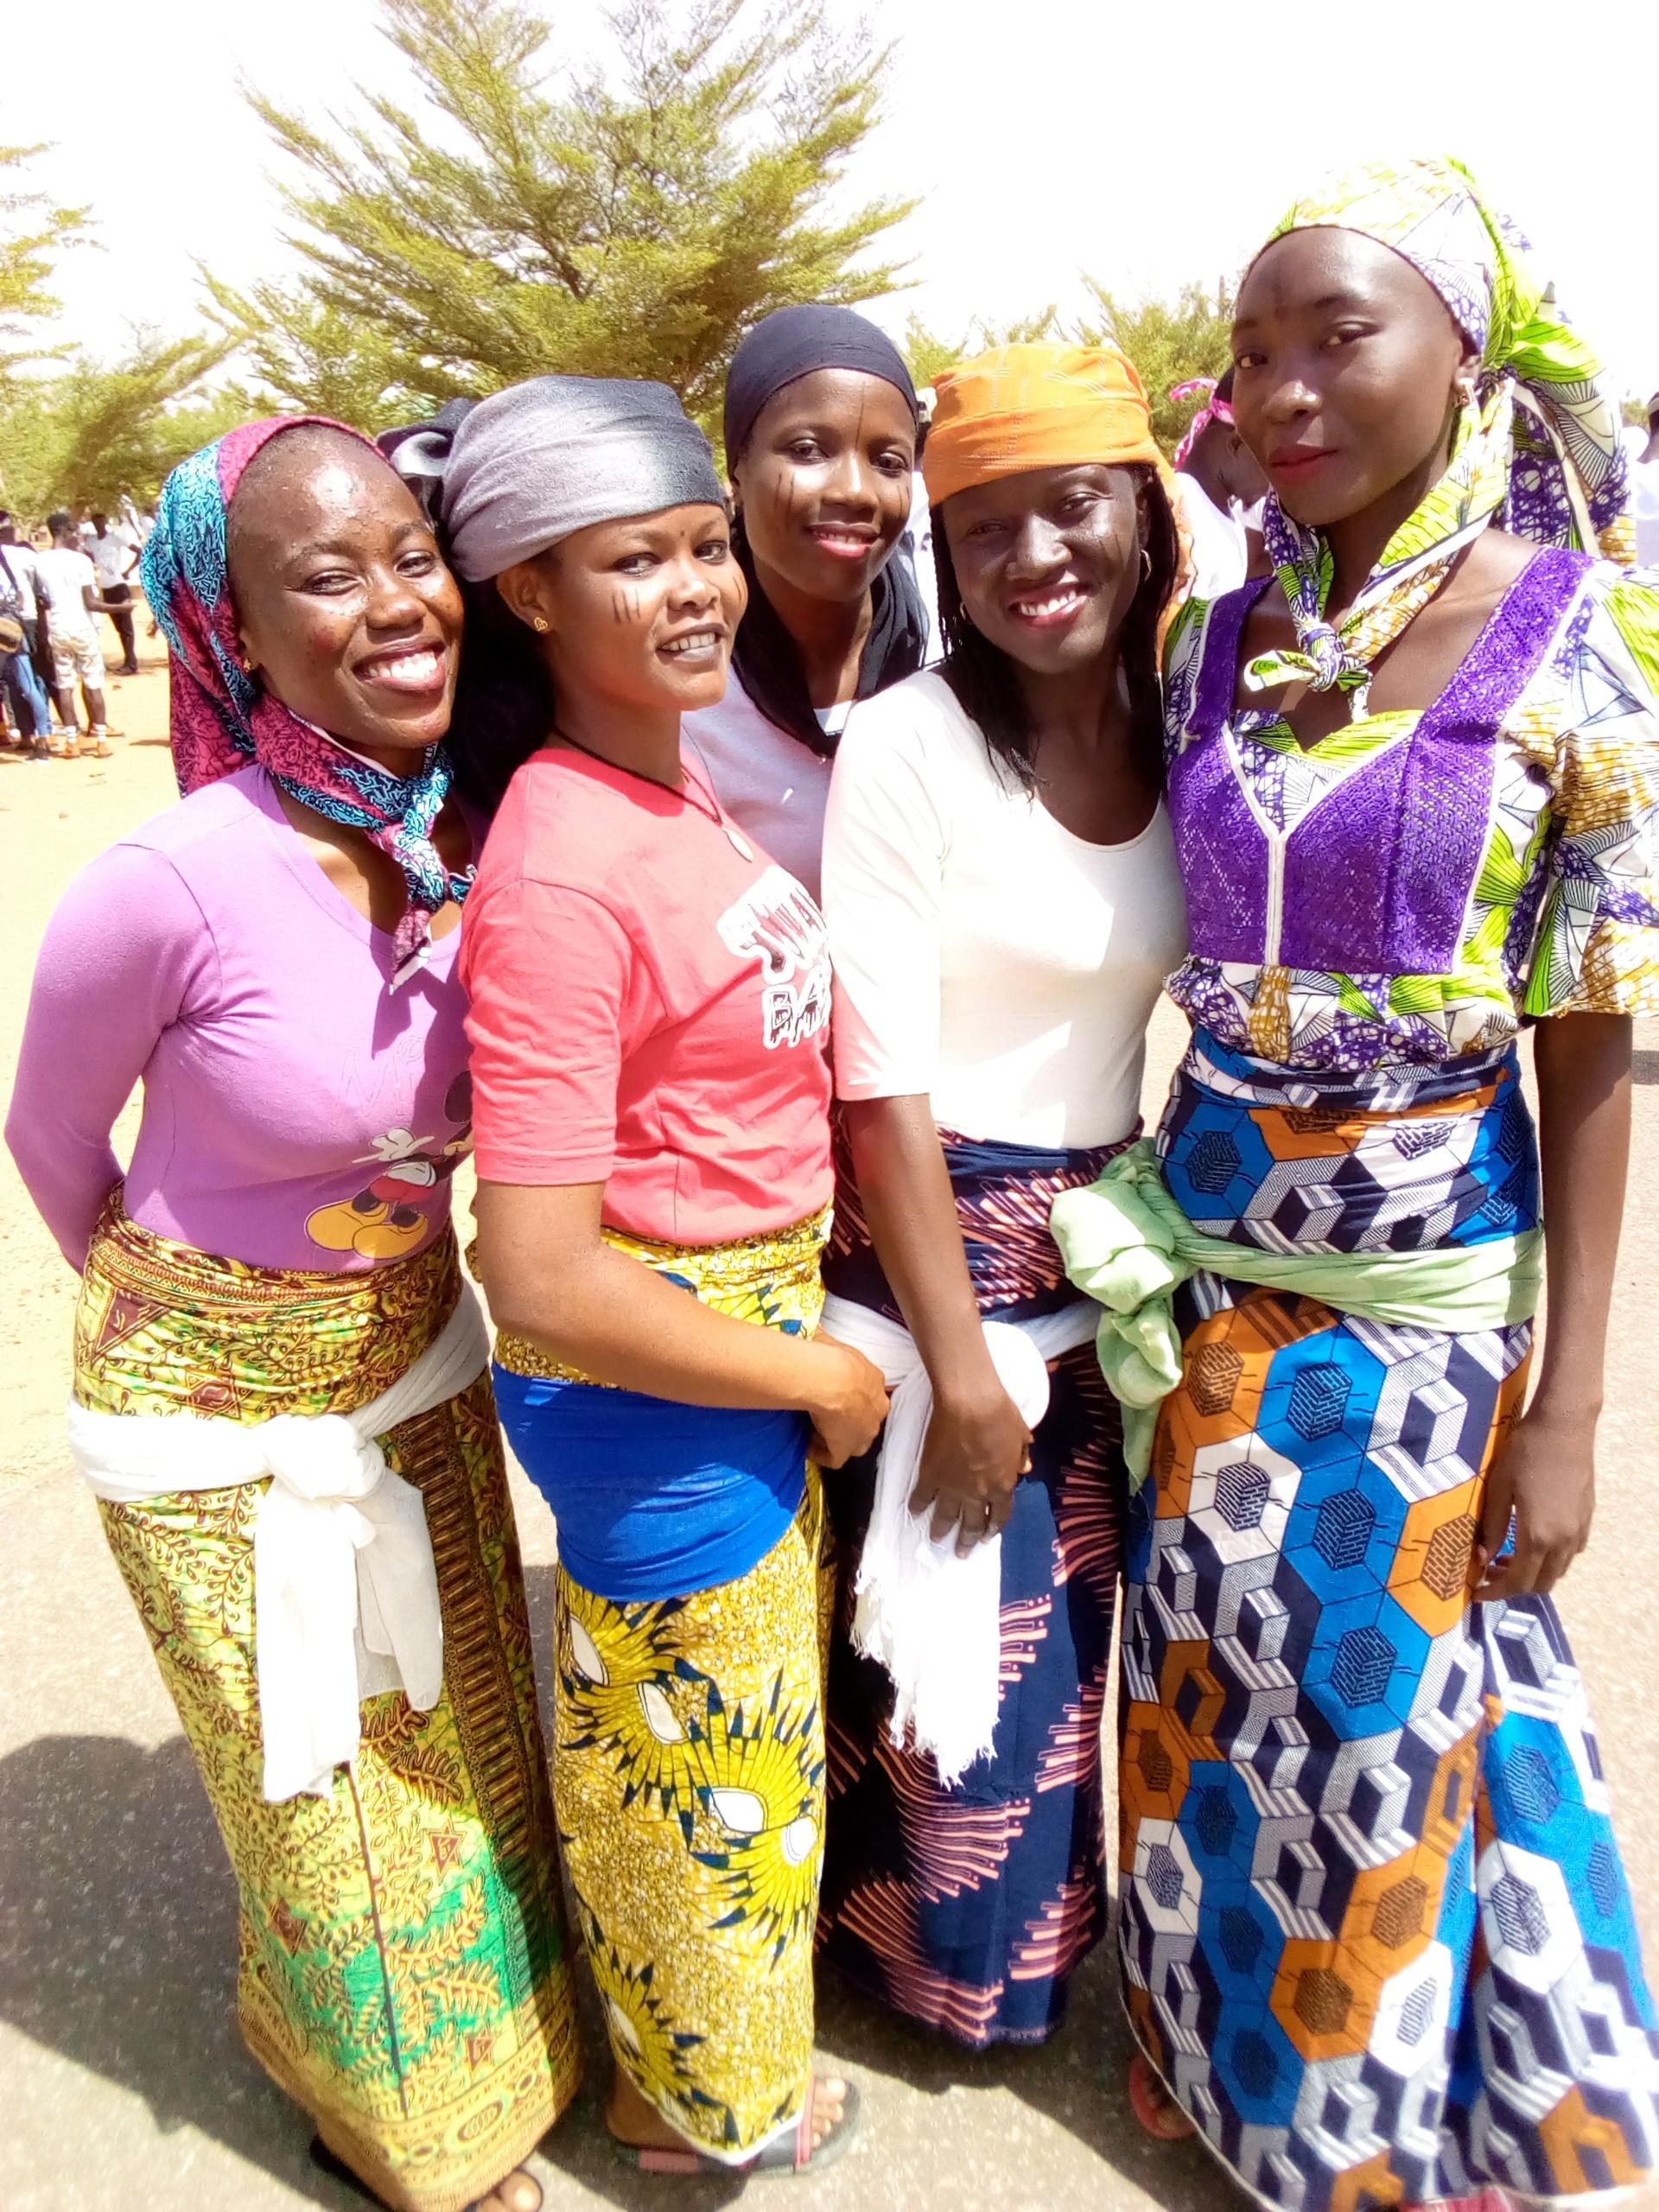 Nigeria, tierra de belleza